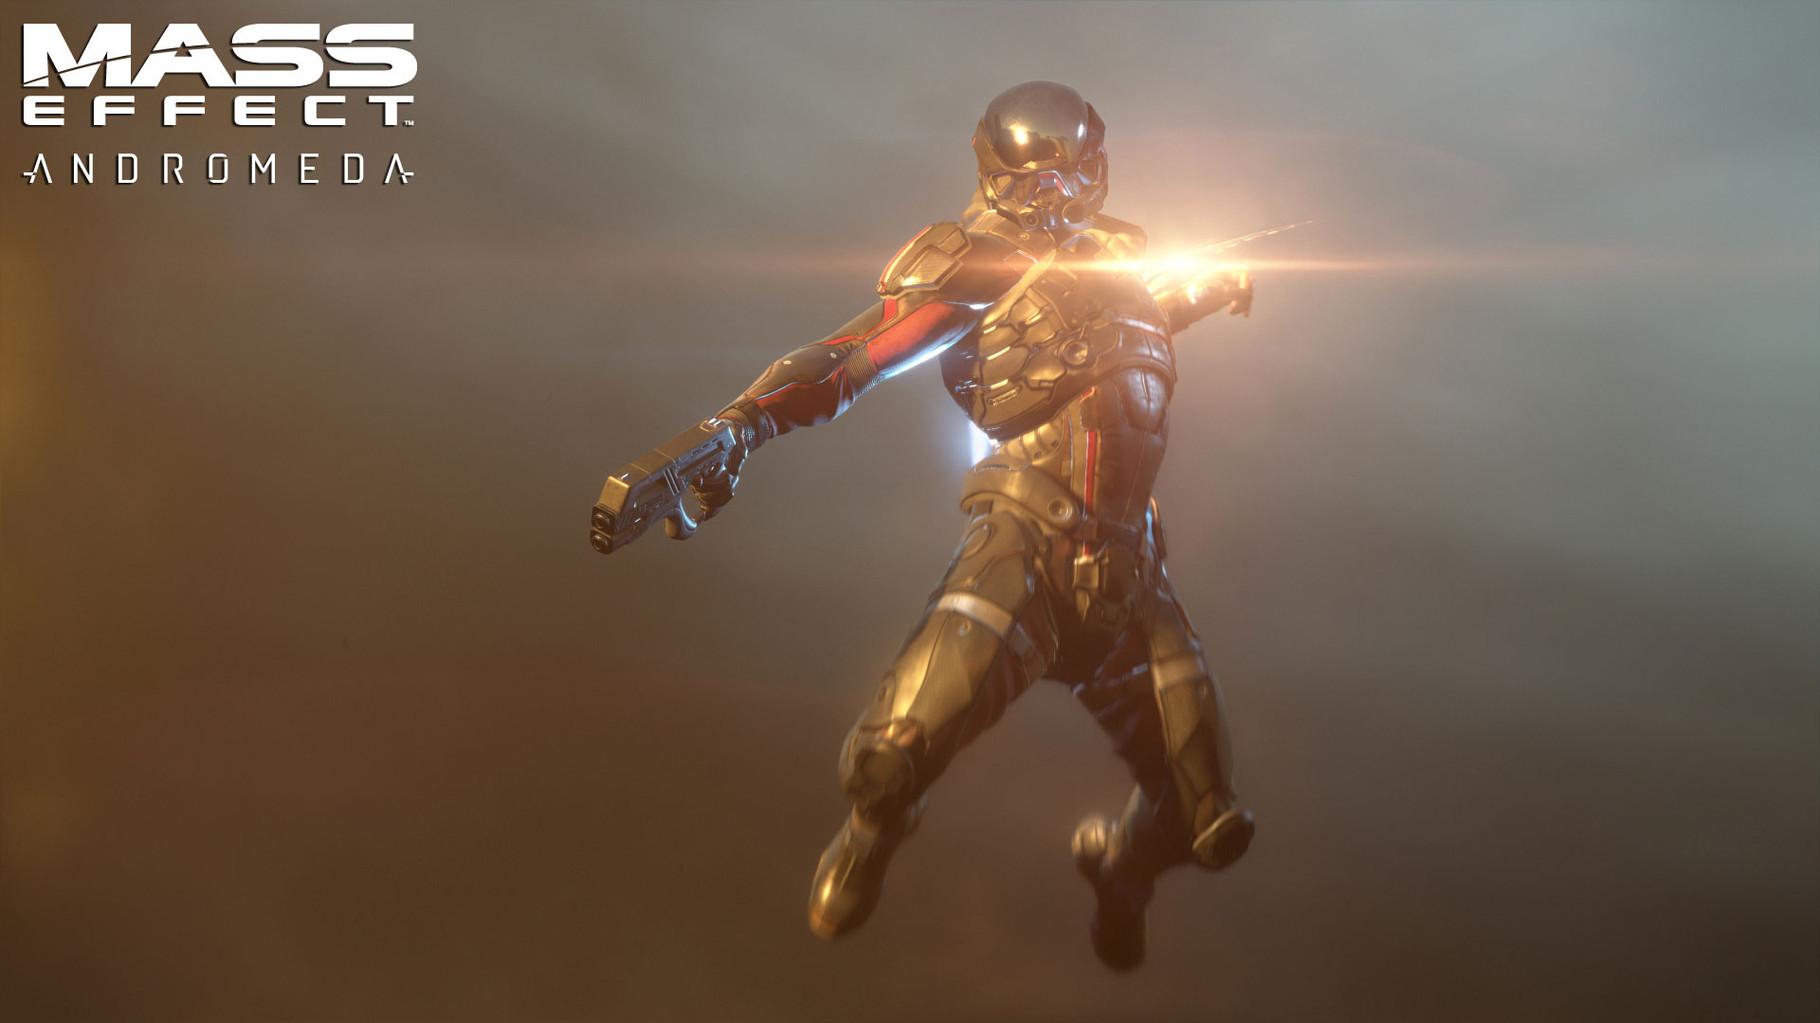 """Mass Effect Andromeda: Wer hoffte, auf der E3 endlich präzise Informationen über das nächste """"Mass Effect""""-Rollenspiel von Bioware zu bekommen, der wurde enttäuscht: Mehr als einen kurzen Render-Trailer gab's nicht zu sehen."""